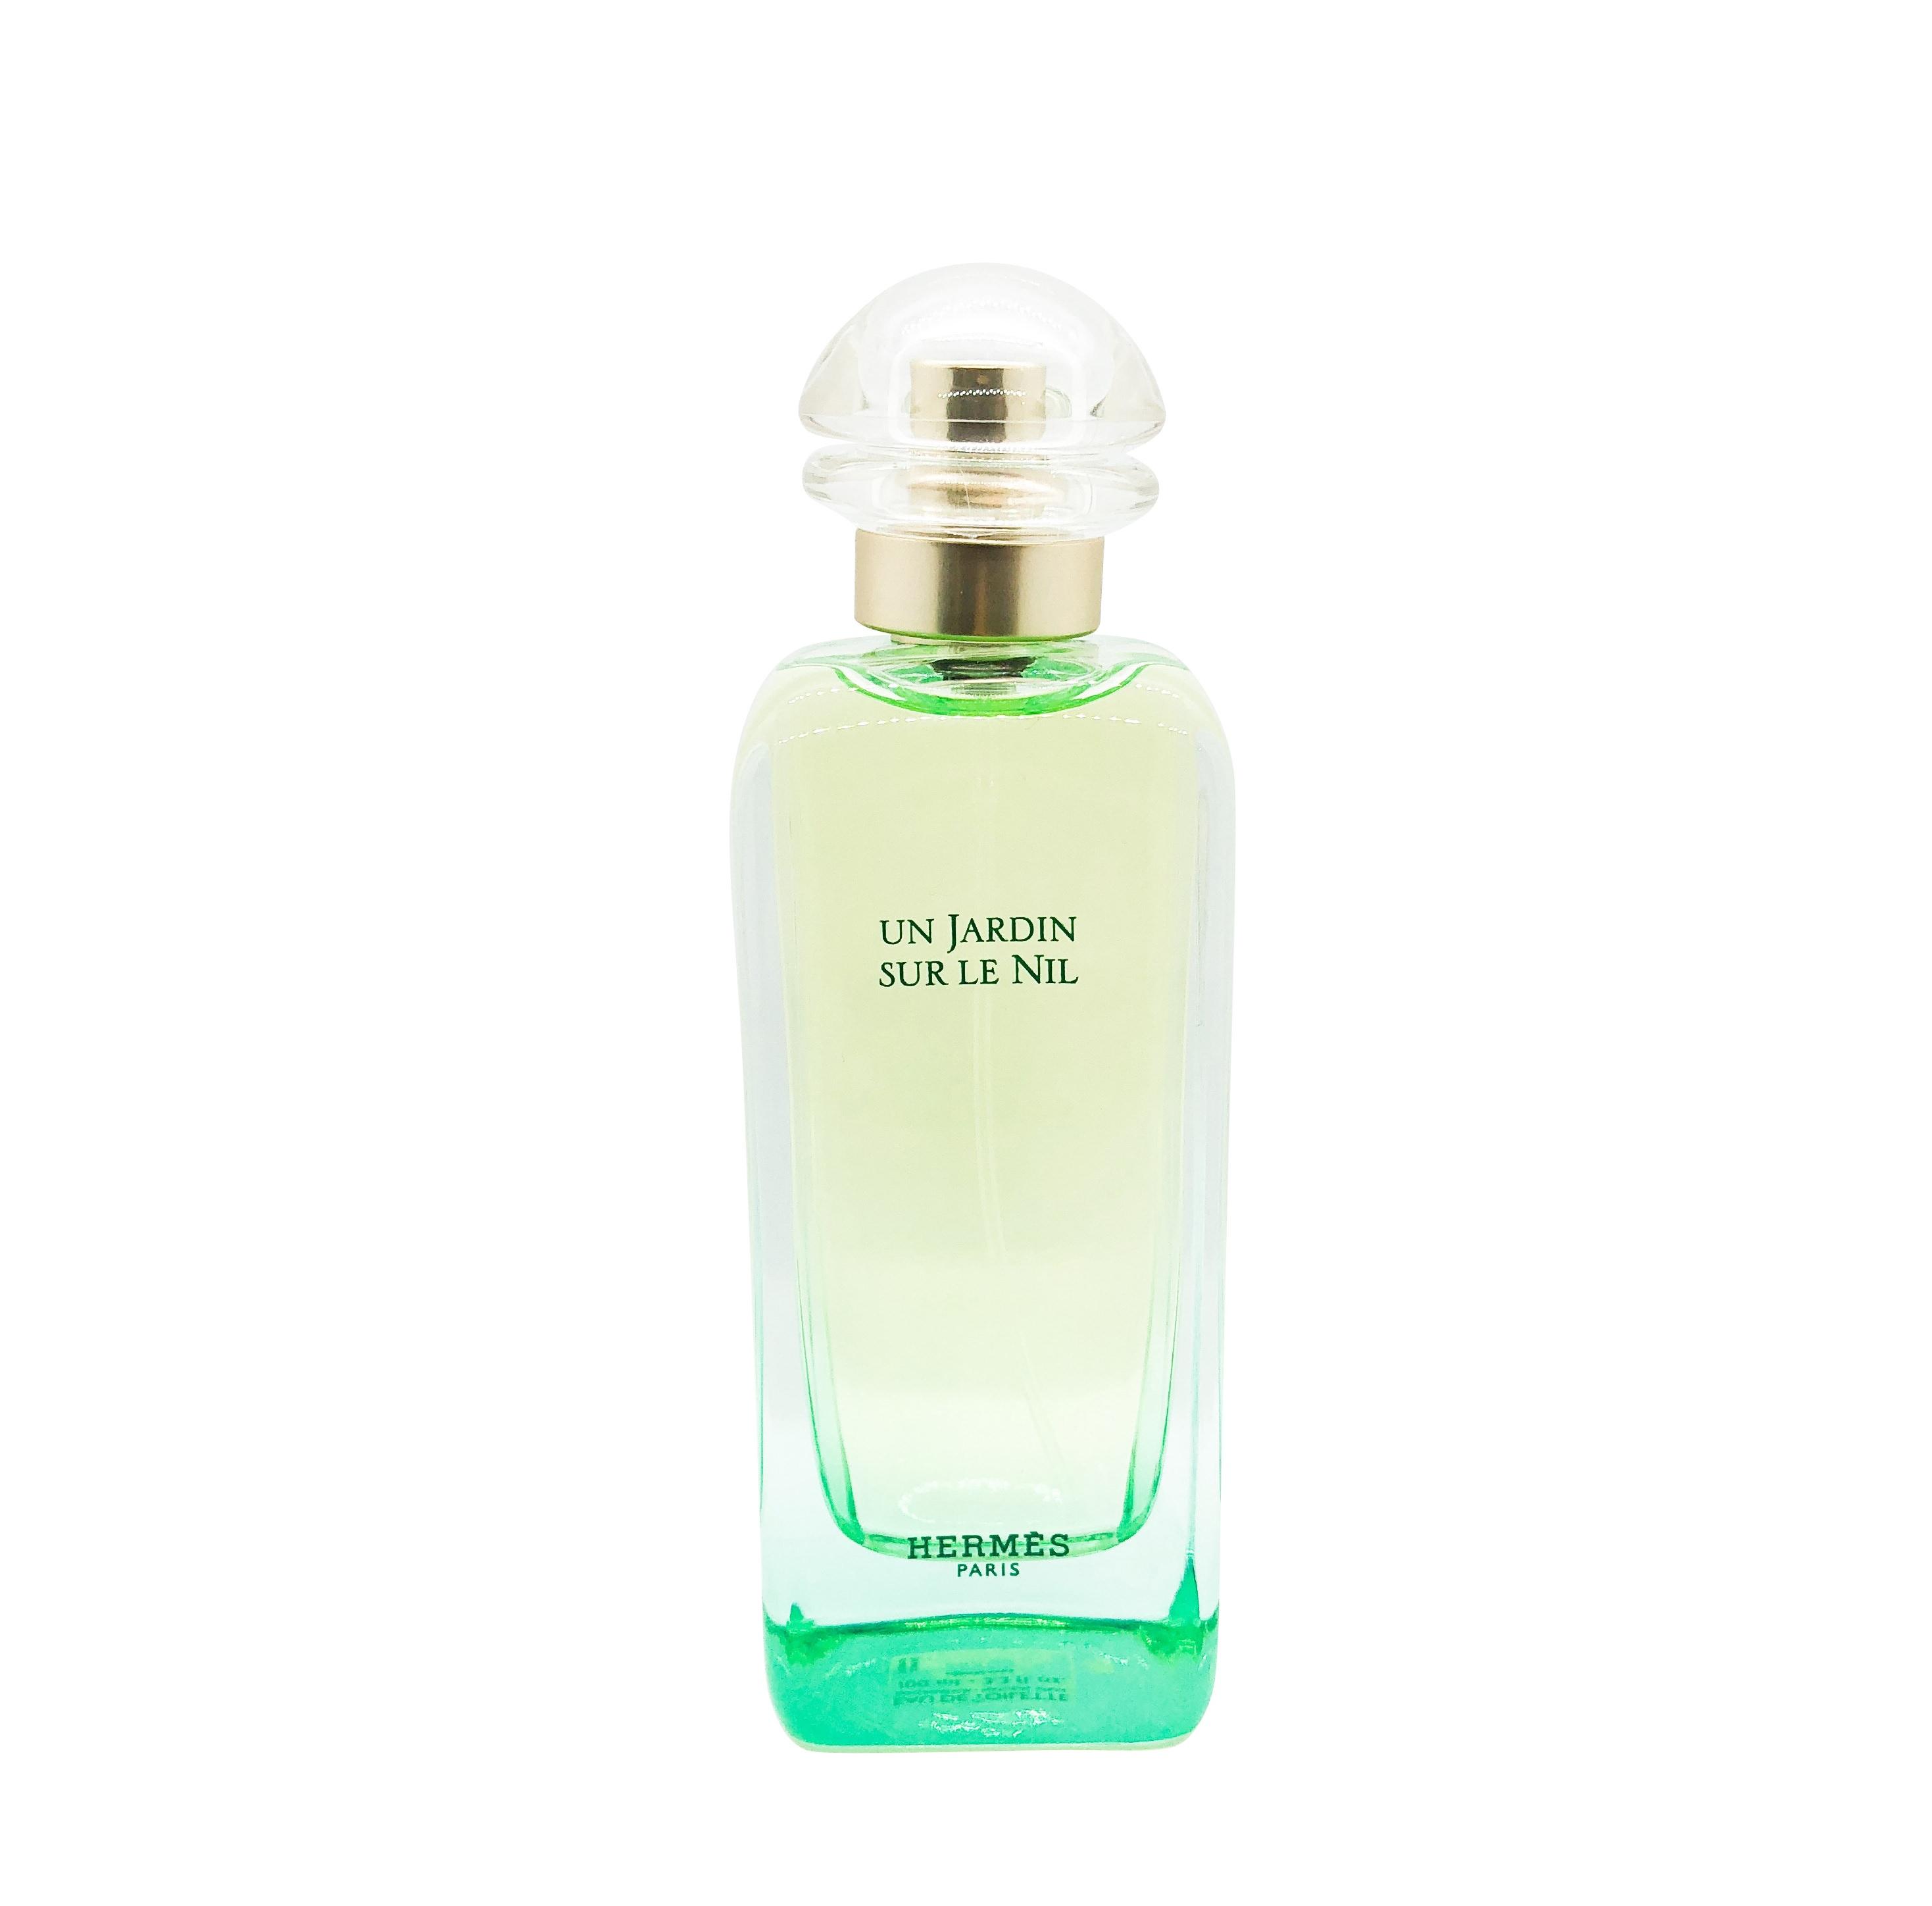 https://www.celes-perfume.com/wp-content/uploads/2018/12/Hermes-Un-Jardin-Sur-Le-Nil.jpg